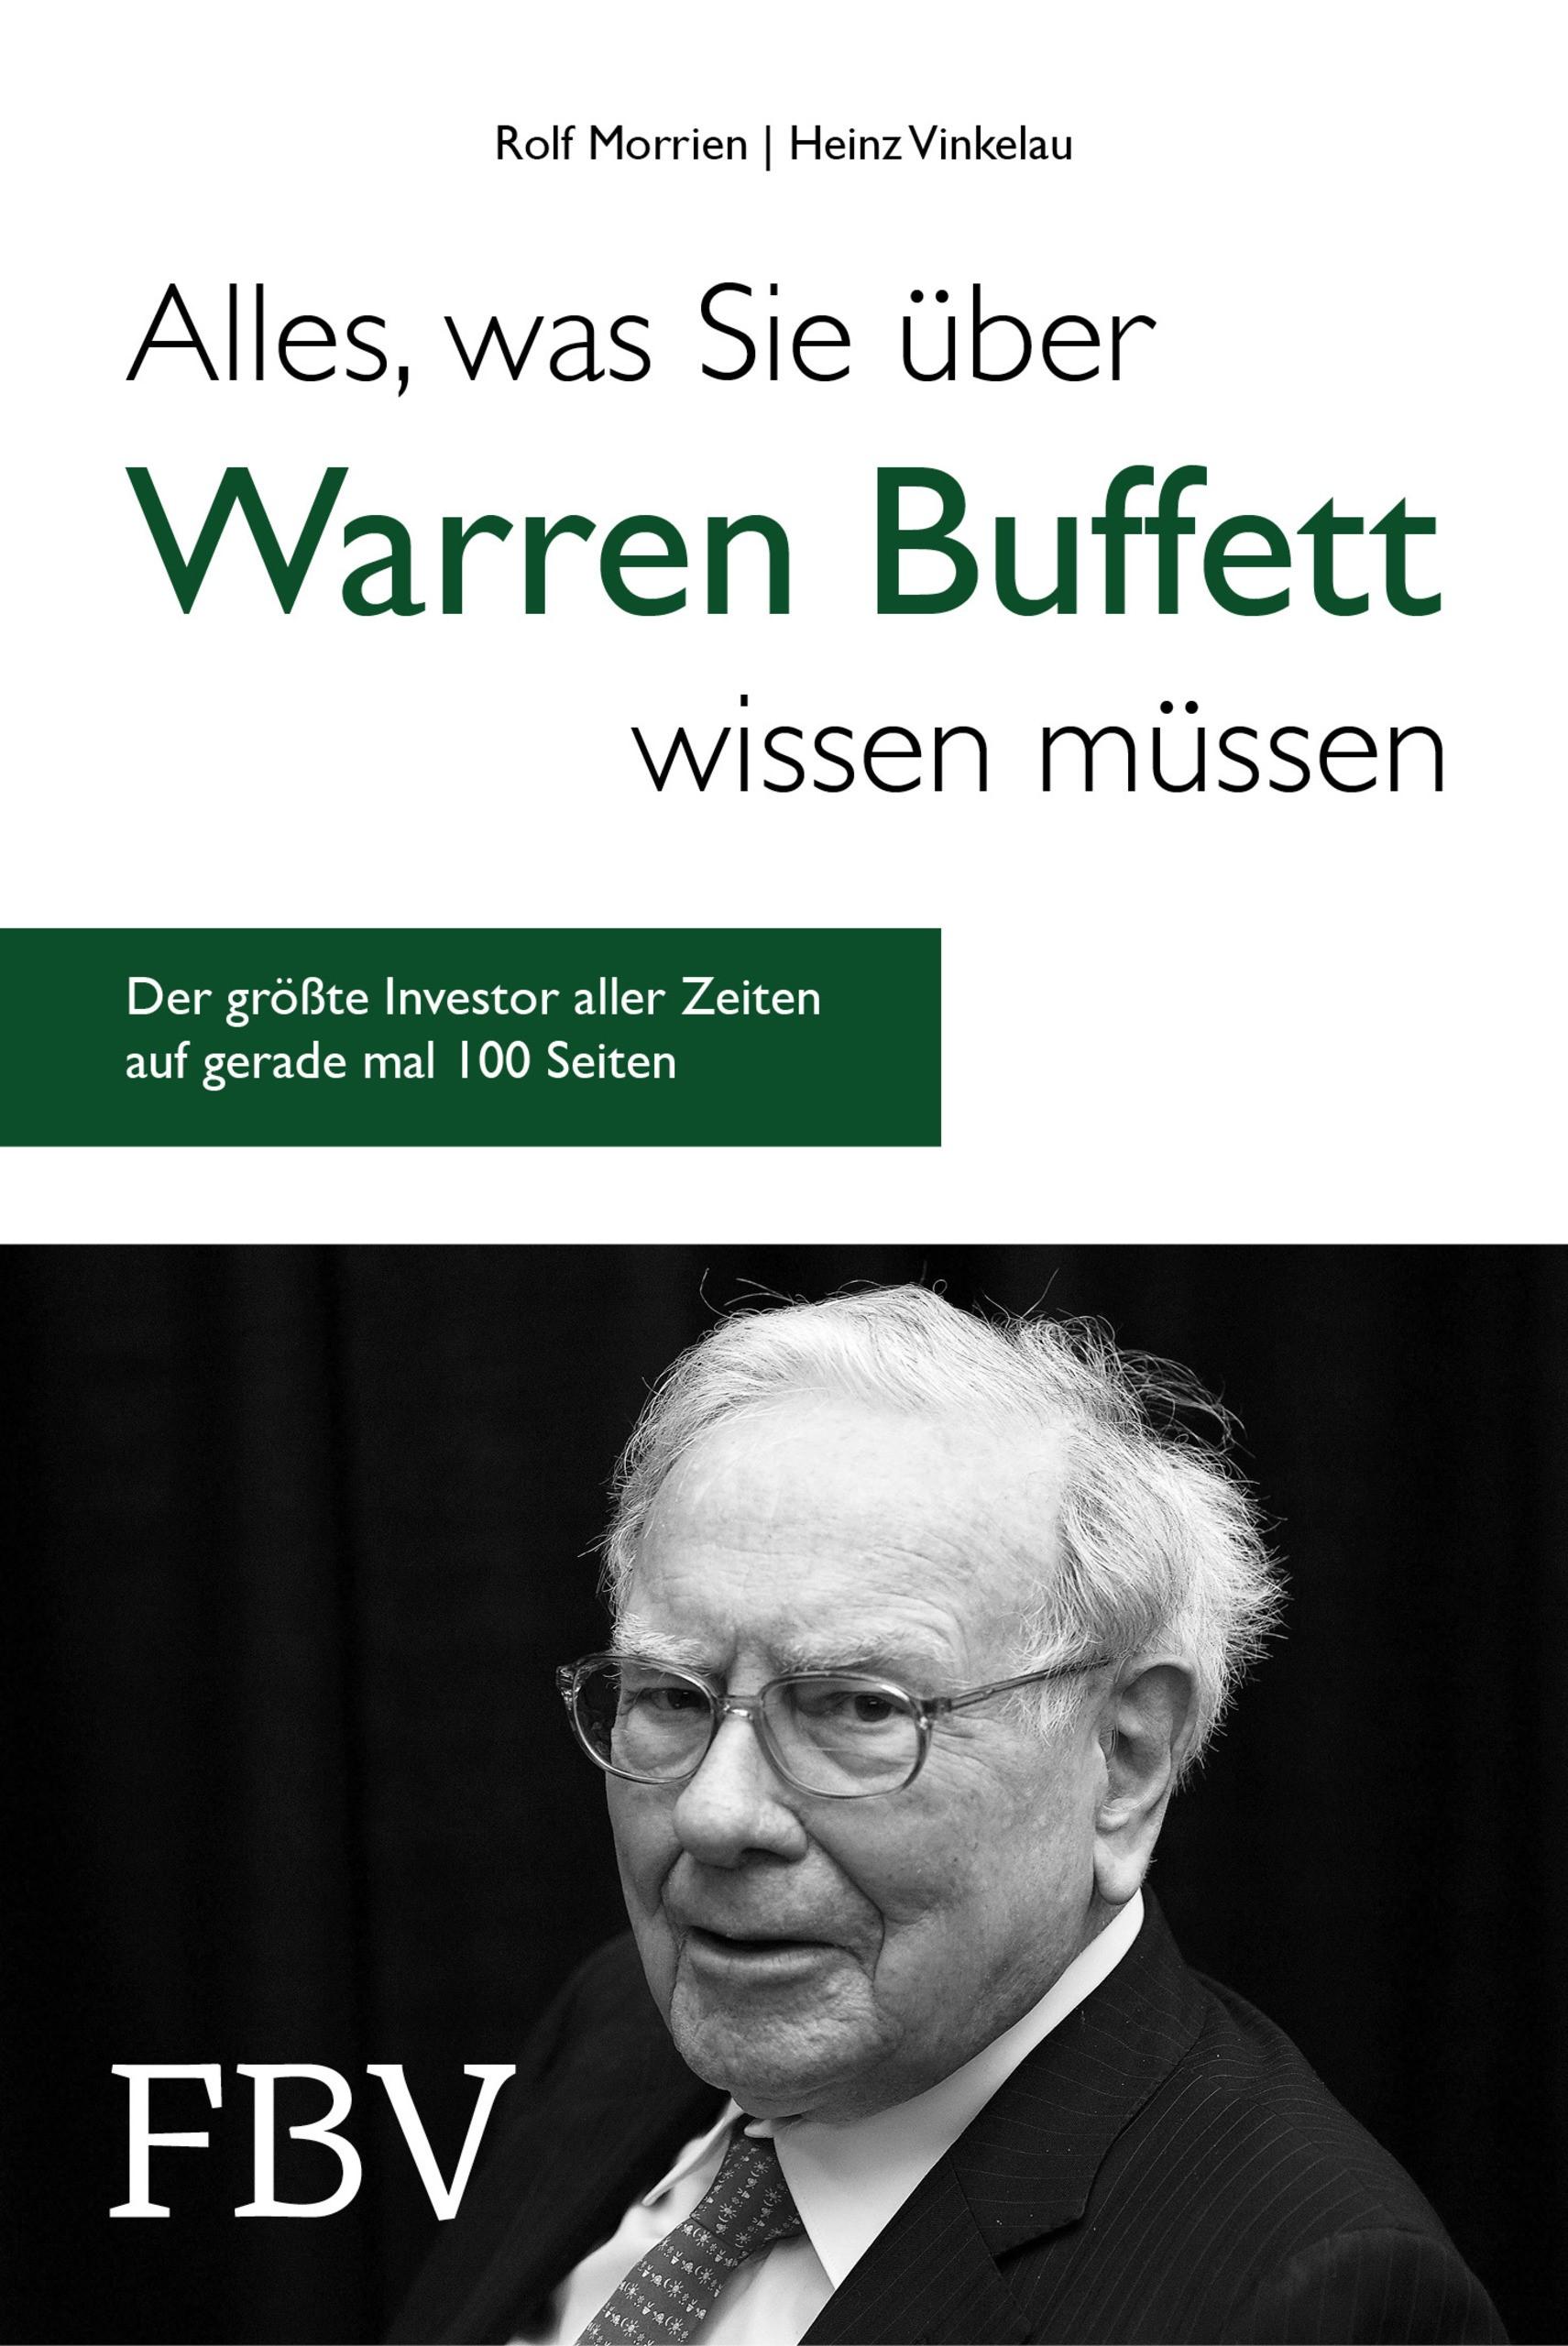 Alles, was Sie über Warren Buffett wissen müssen | Morrien / Vinkelau, 2018 | Buch (Cover)